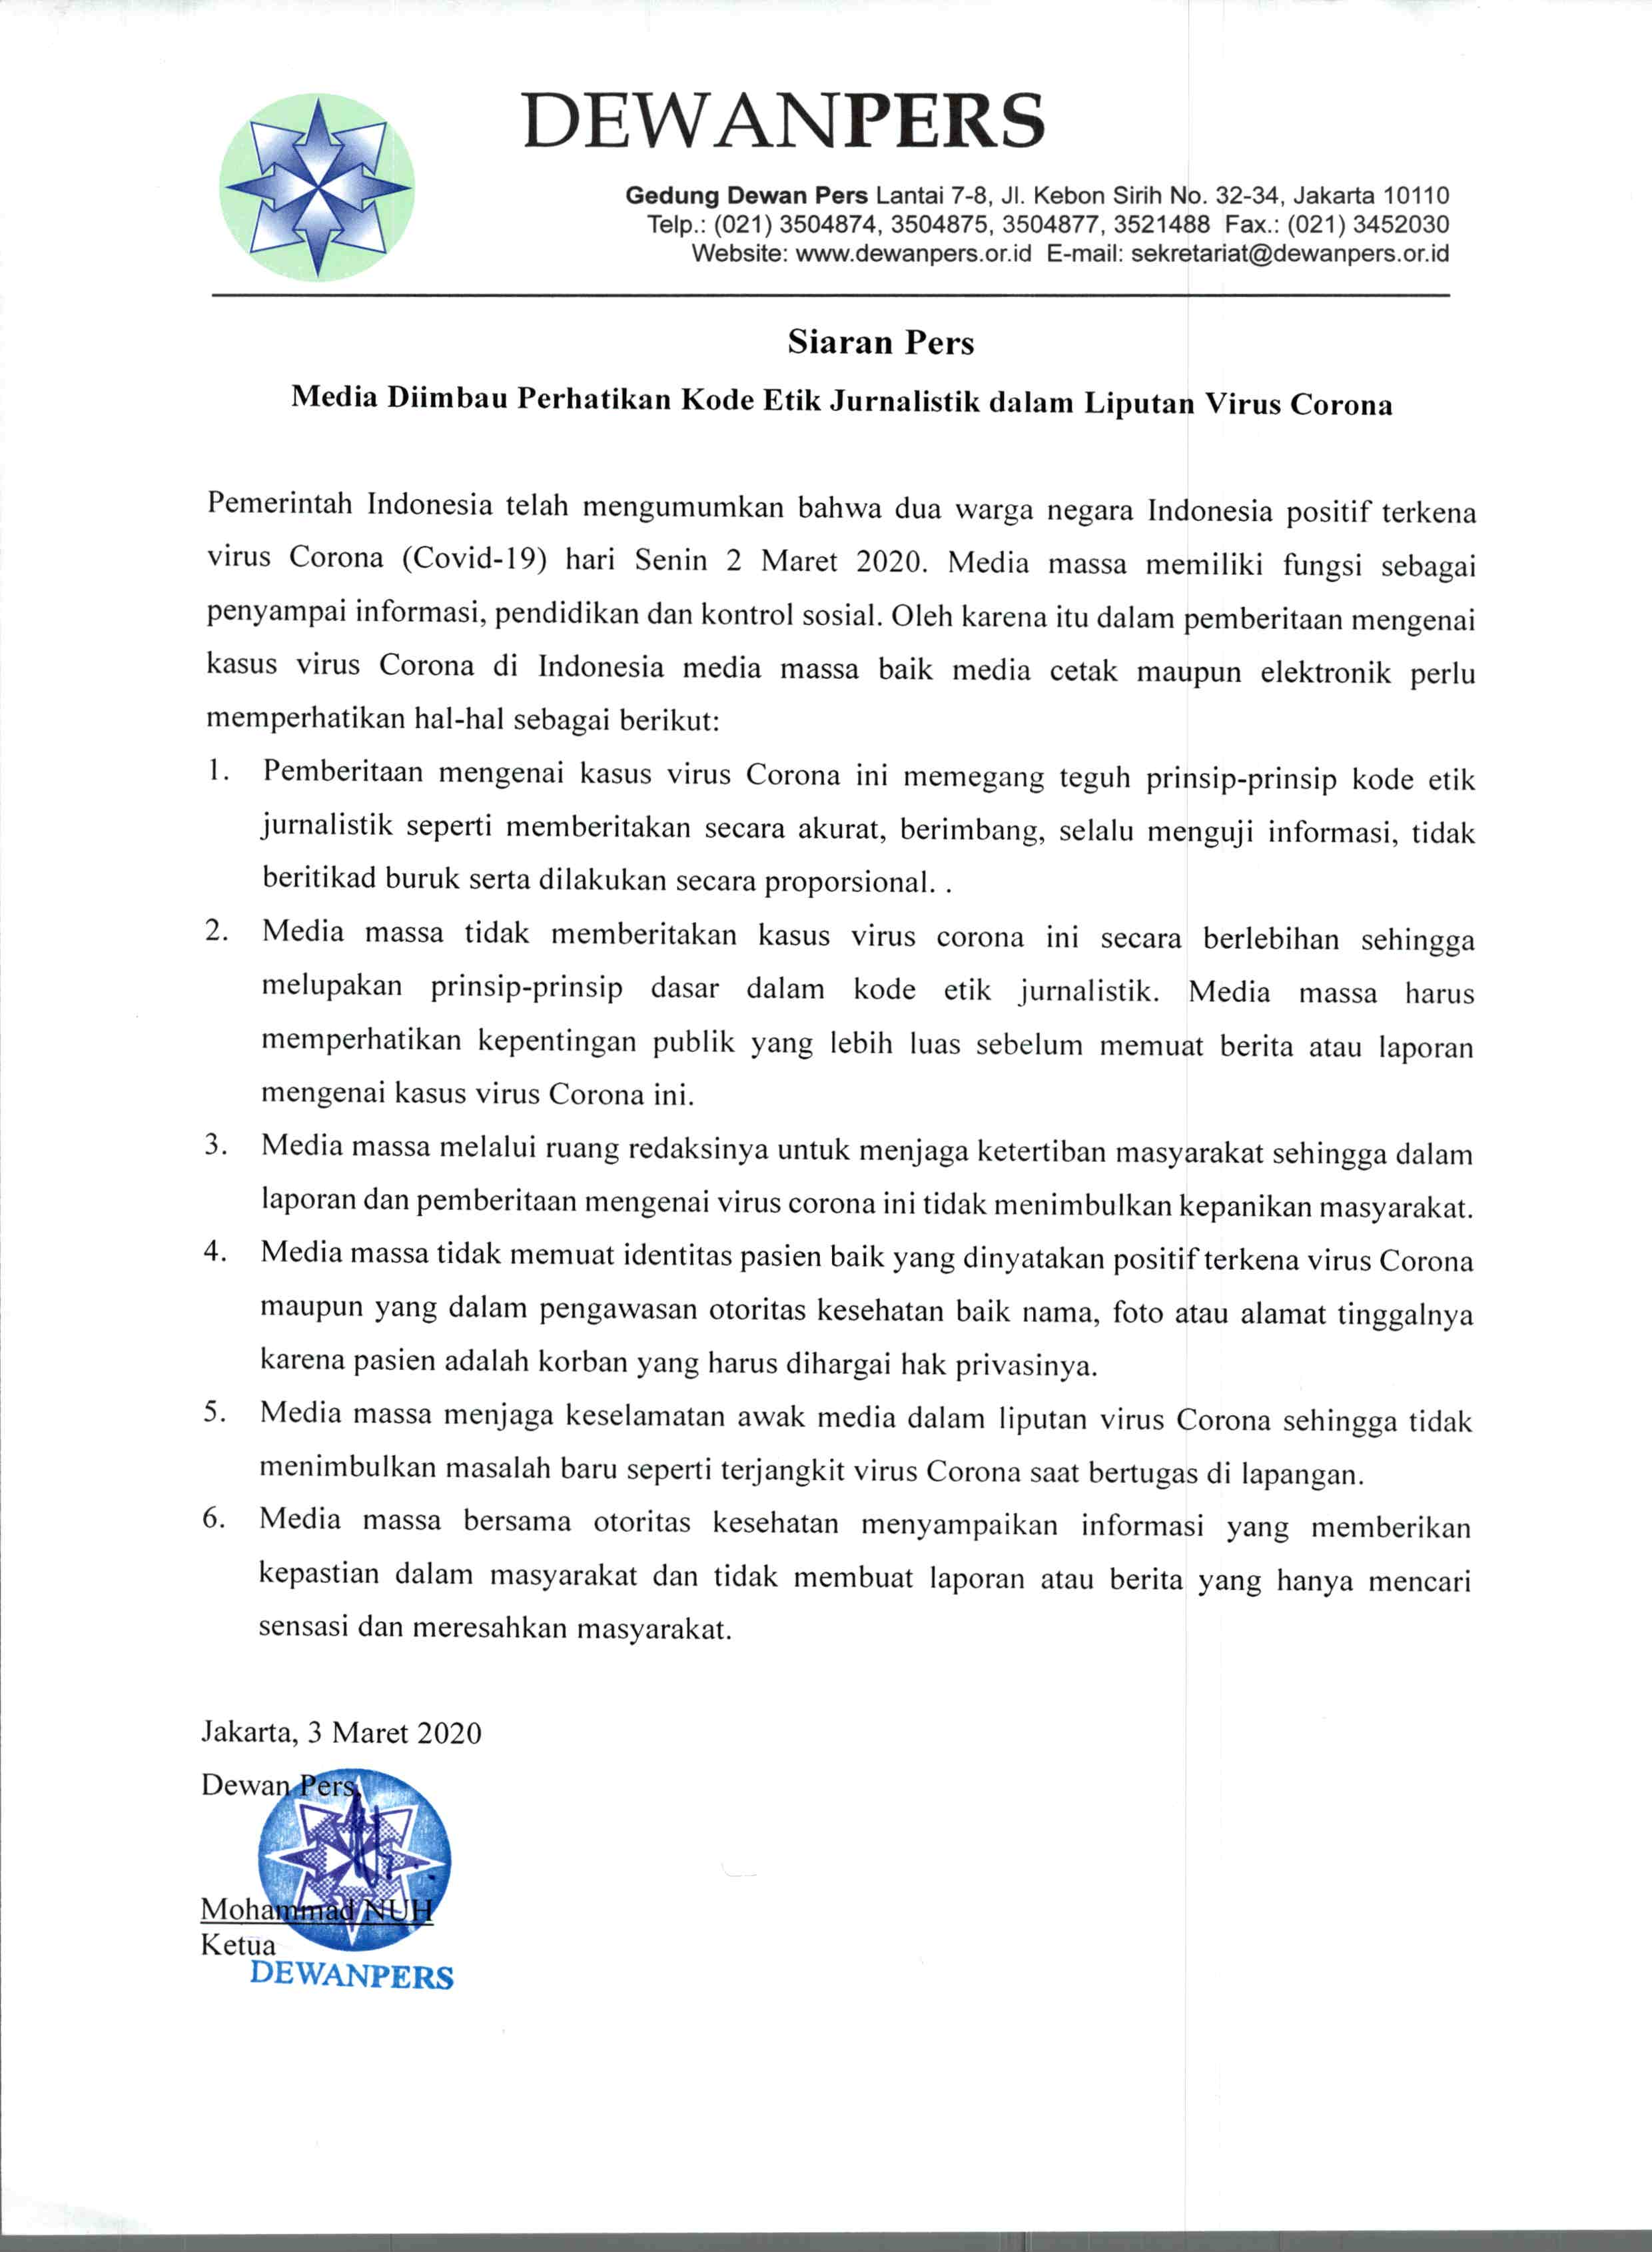 Siaran Pers Dewan Pers Mengenai Kode Etik Jurnalistik Dalam Liputan Virus Corona